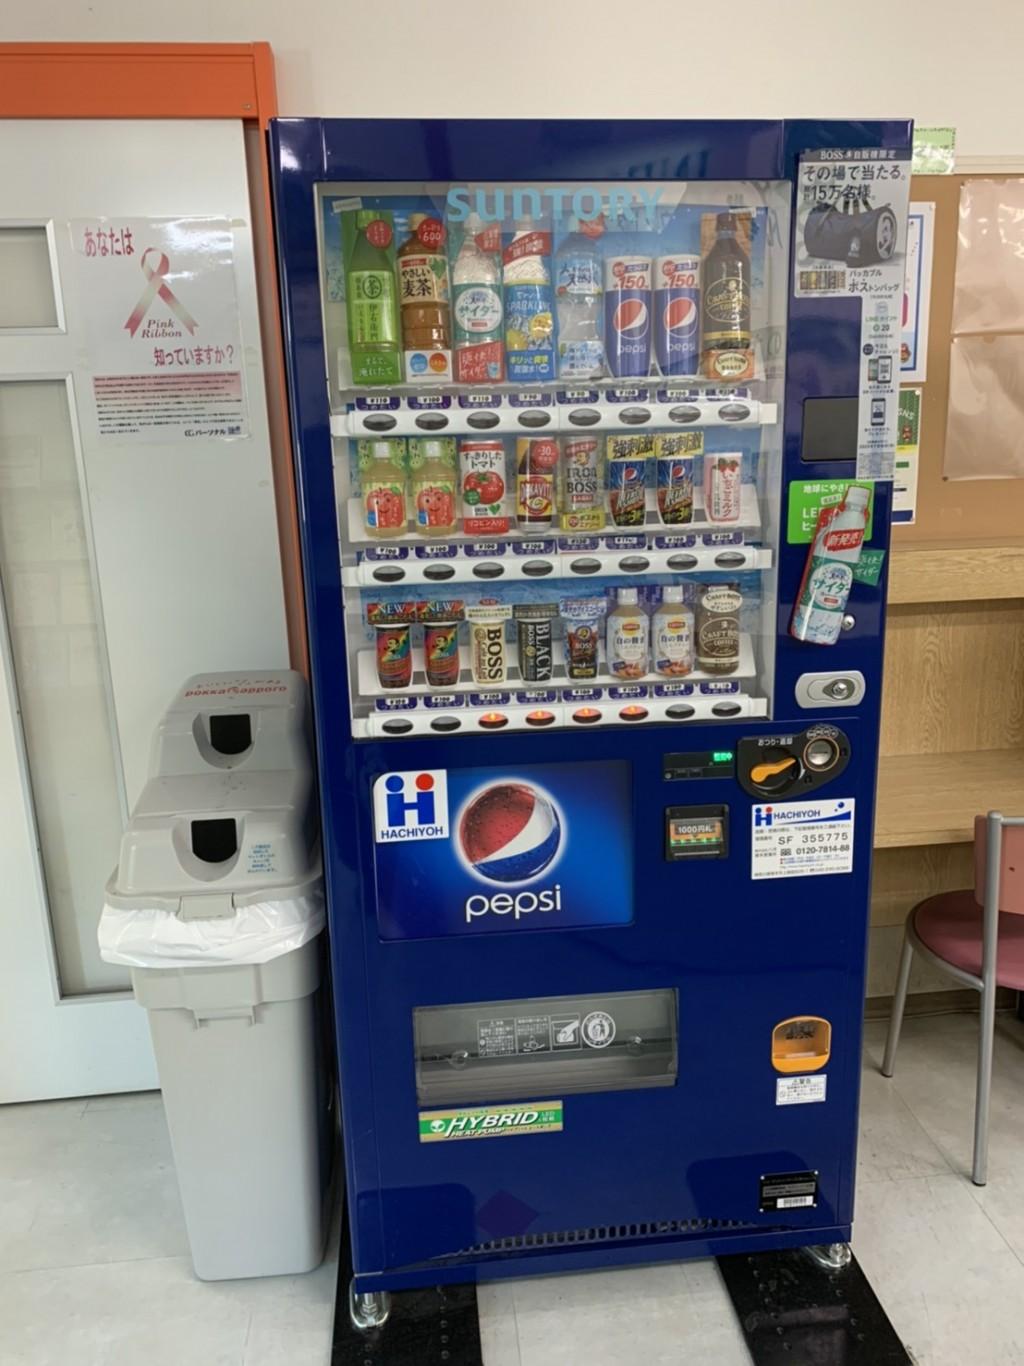 教室内に自動販売機があります。 暑い夏には冷たい飲み物、 寒い冬には温かい飲み物、 いつでも水分補給ができます。